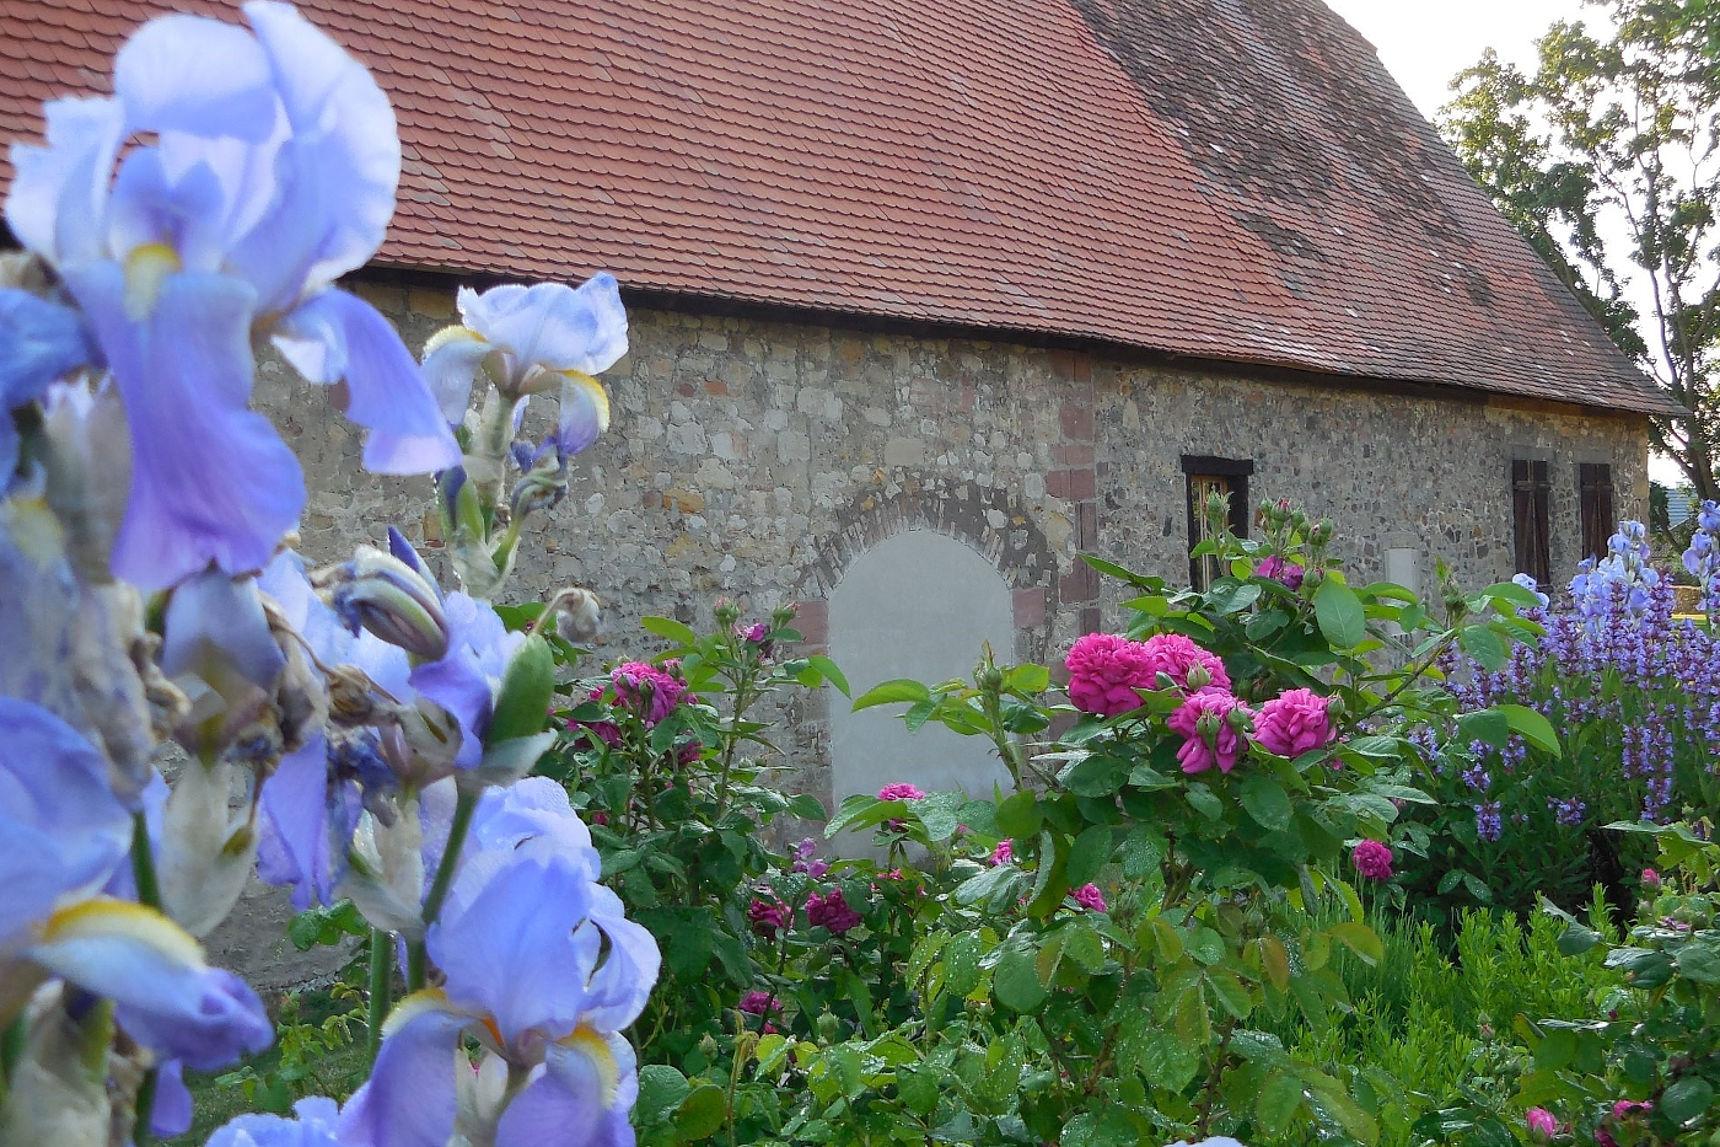 Ehemaliges Kloster in Lorsch